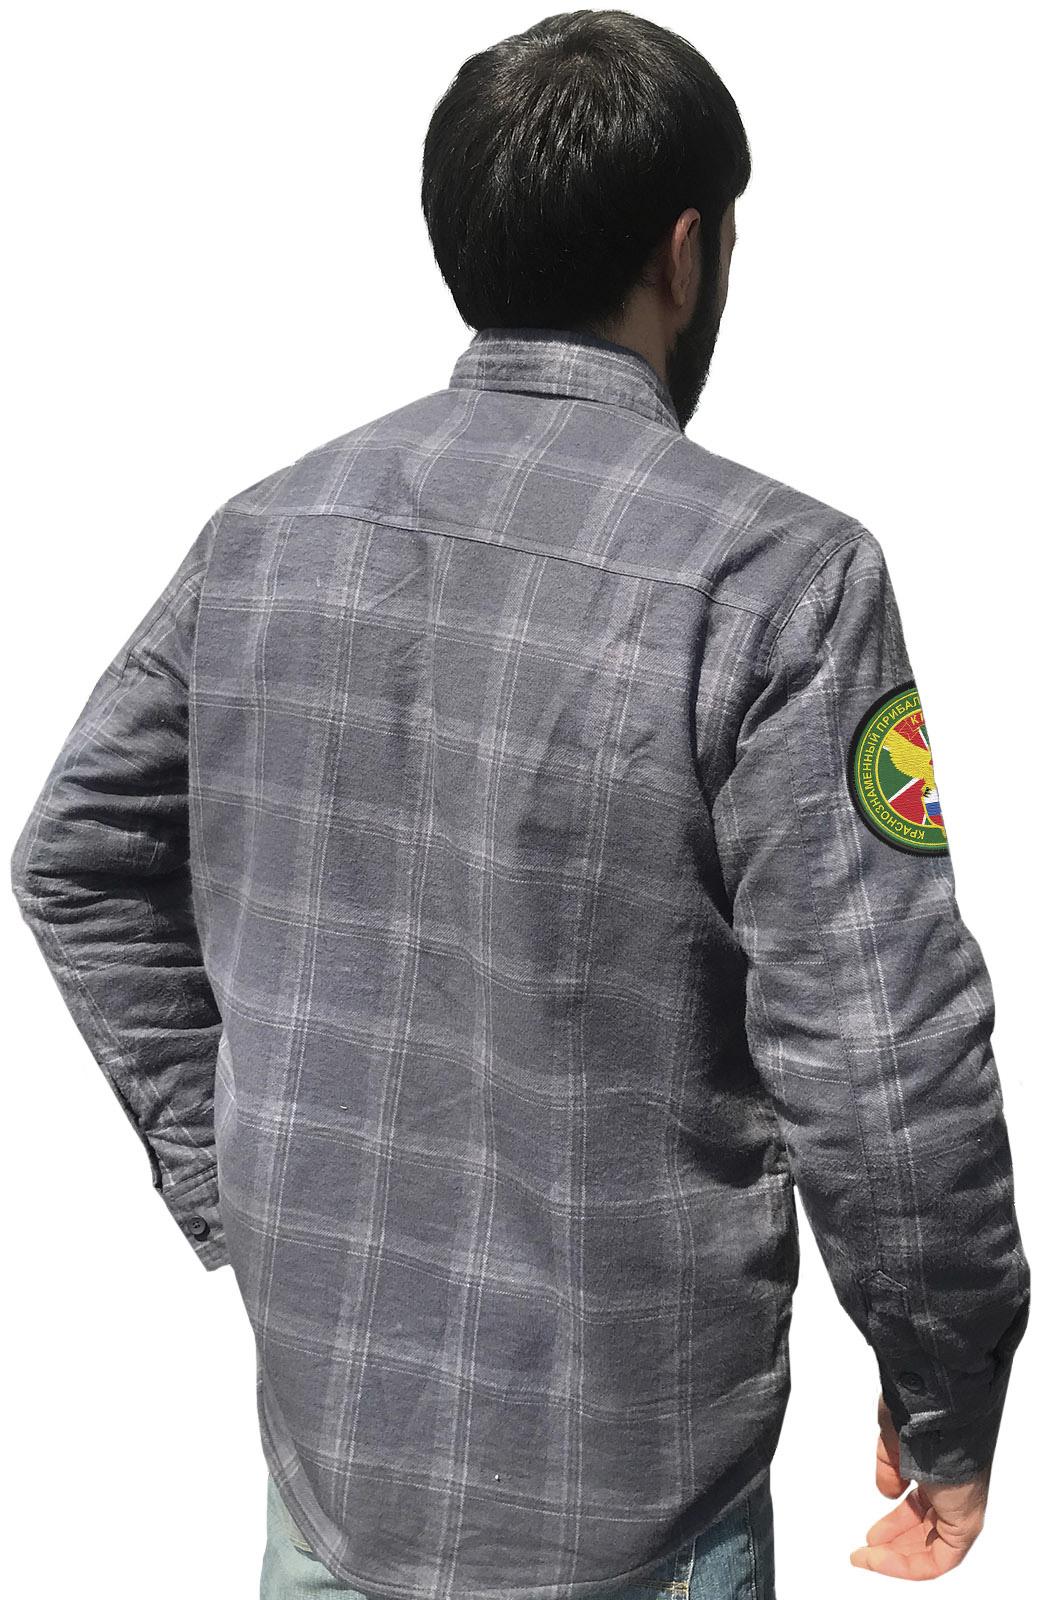 Клетчатая рубашка с шевроном КППО заказать онлайн